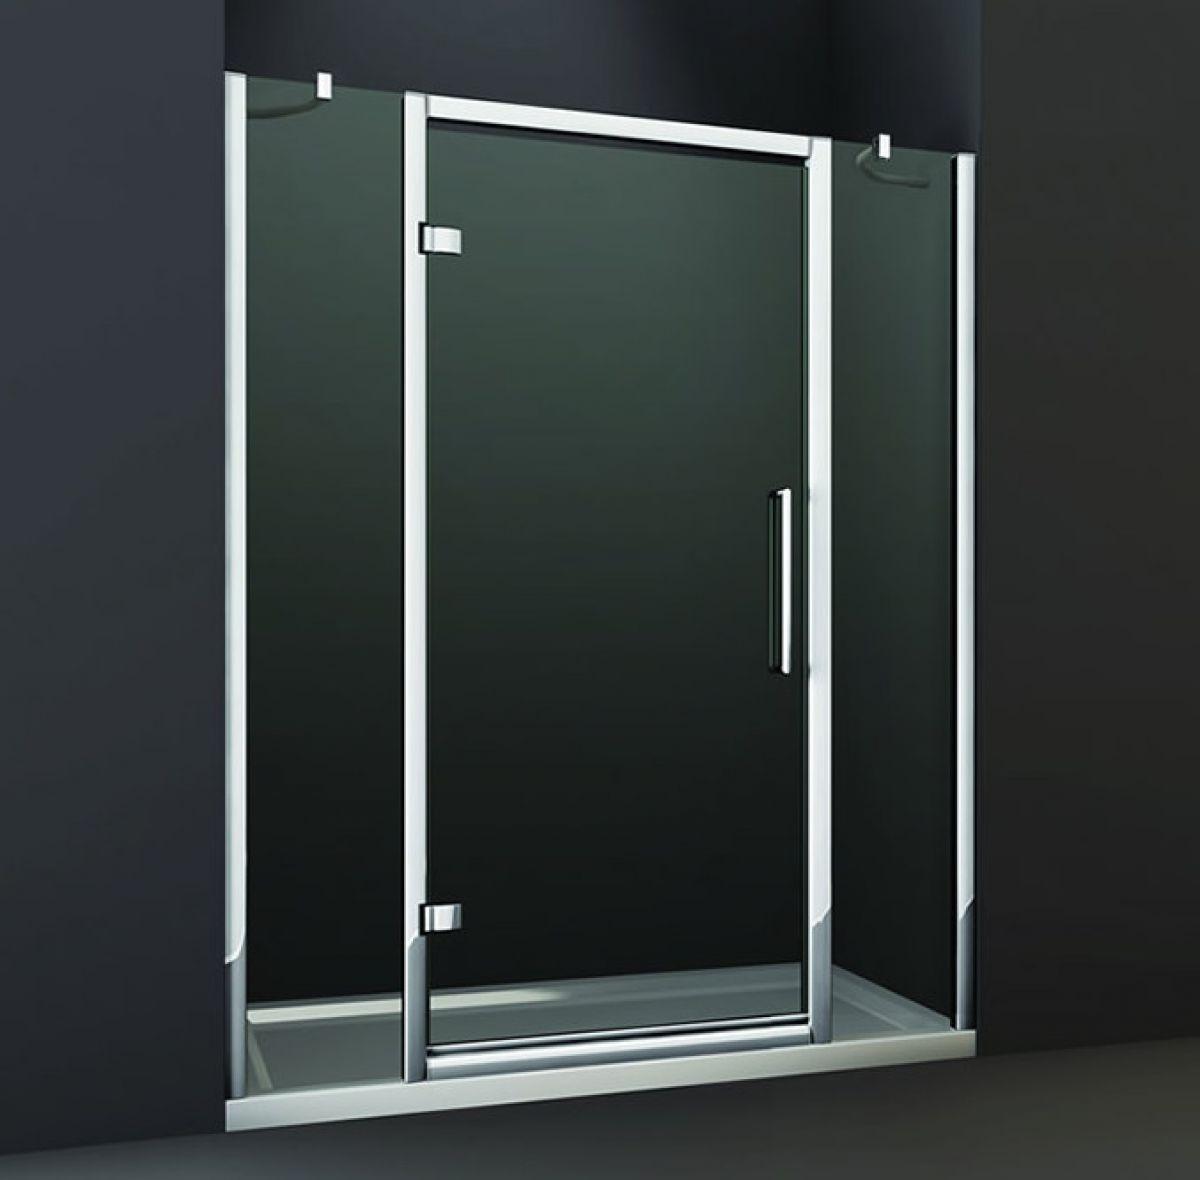 Double Hinged Shower Door : Merlyn series hinged shower door and double inline panel